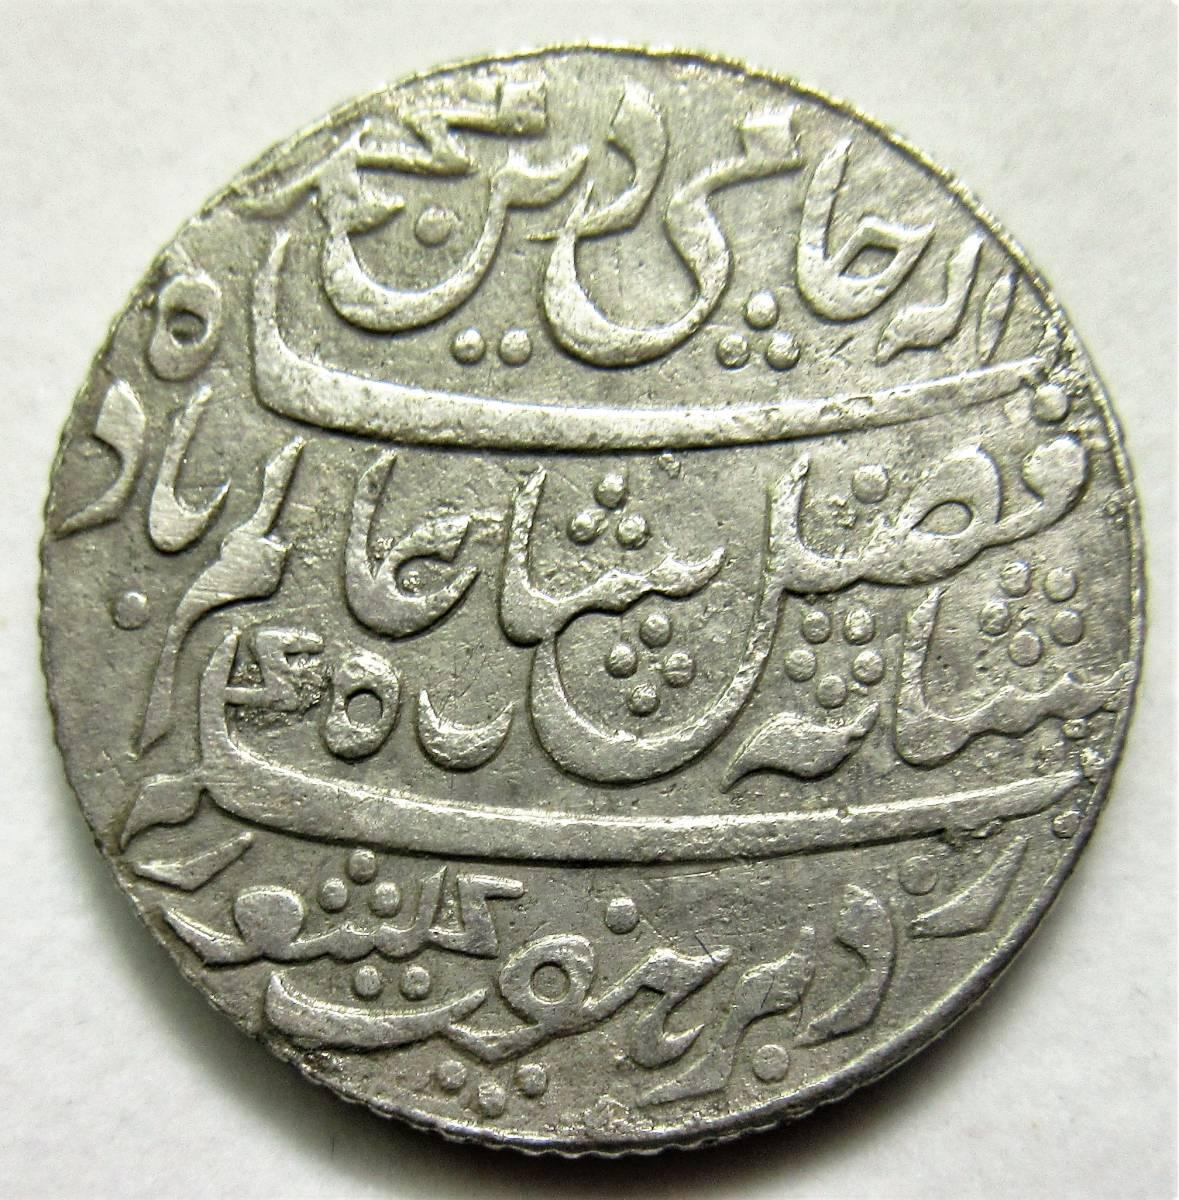 インド土候国 ベンガル藩王国 1ルピー銀貨 16.55mm 11.41g